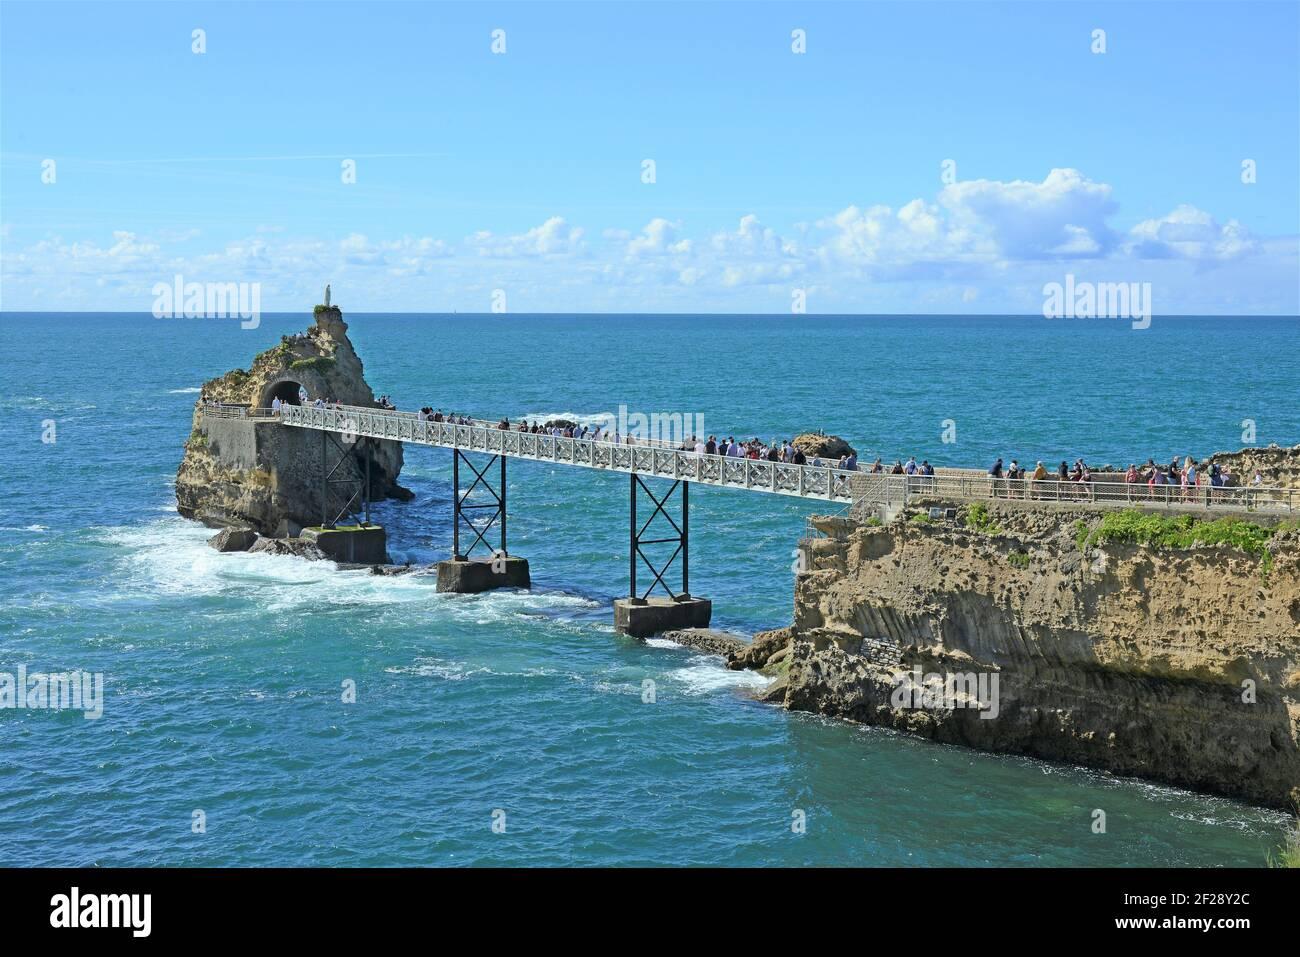 Virgin Rock (Rocher de la Verge), Biarritz (Miarritze), Pyrénées-Atlantiques, Nouvelle-Aquitaine, France Stock Photo